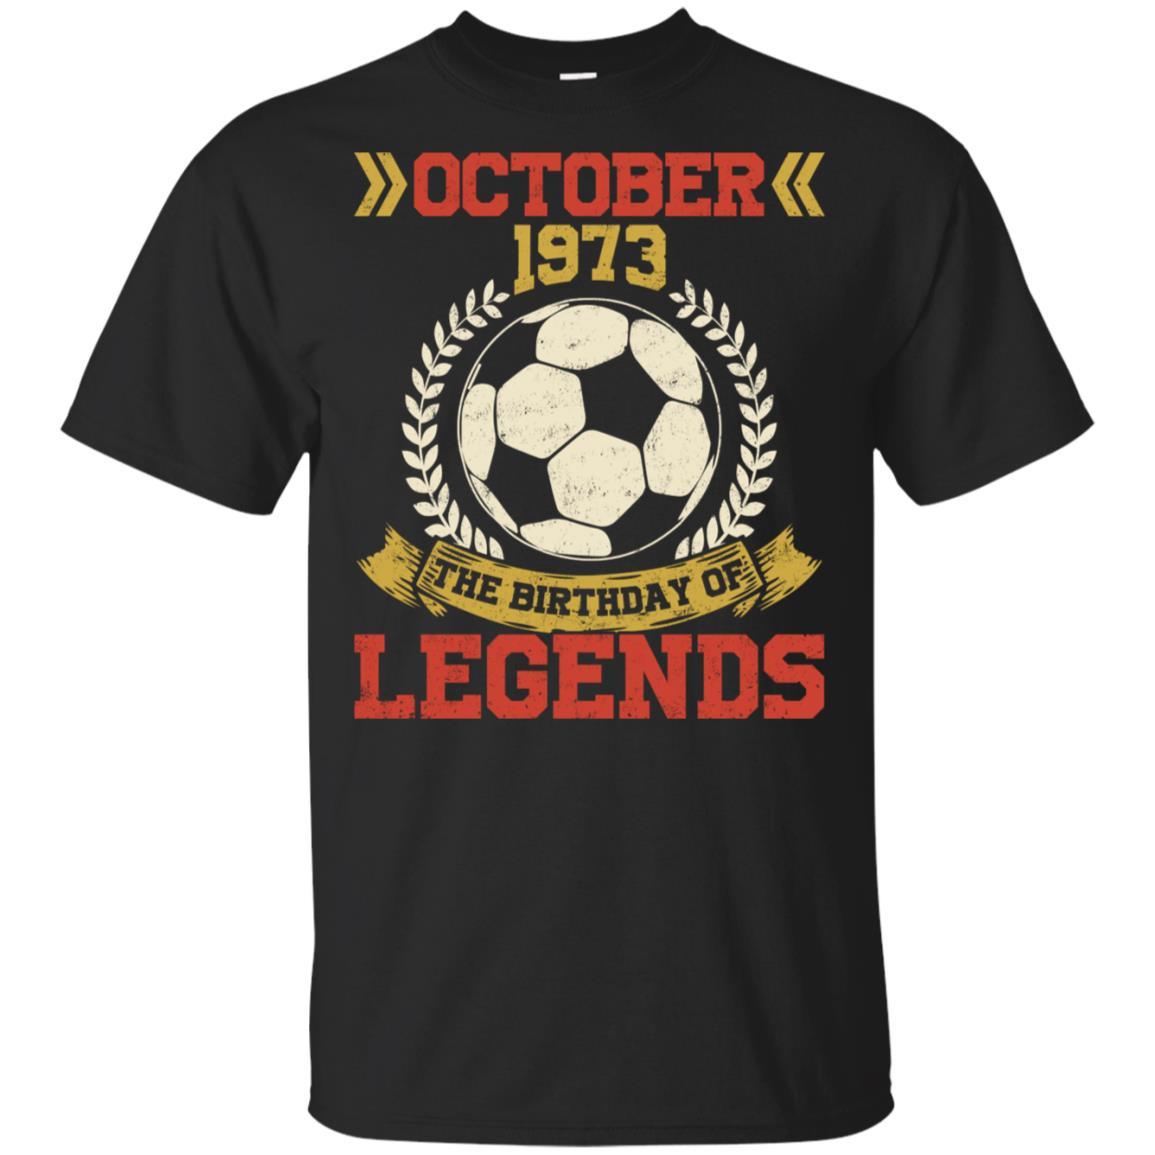 1973 October 45th Birthday Of Football Soccer Legend Unisex Short Sleeve